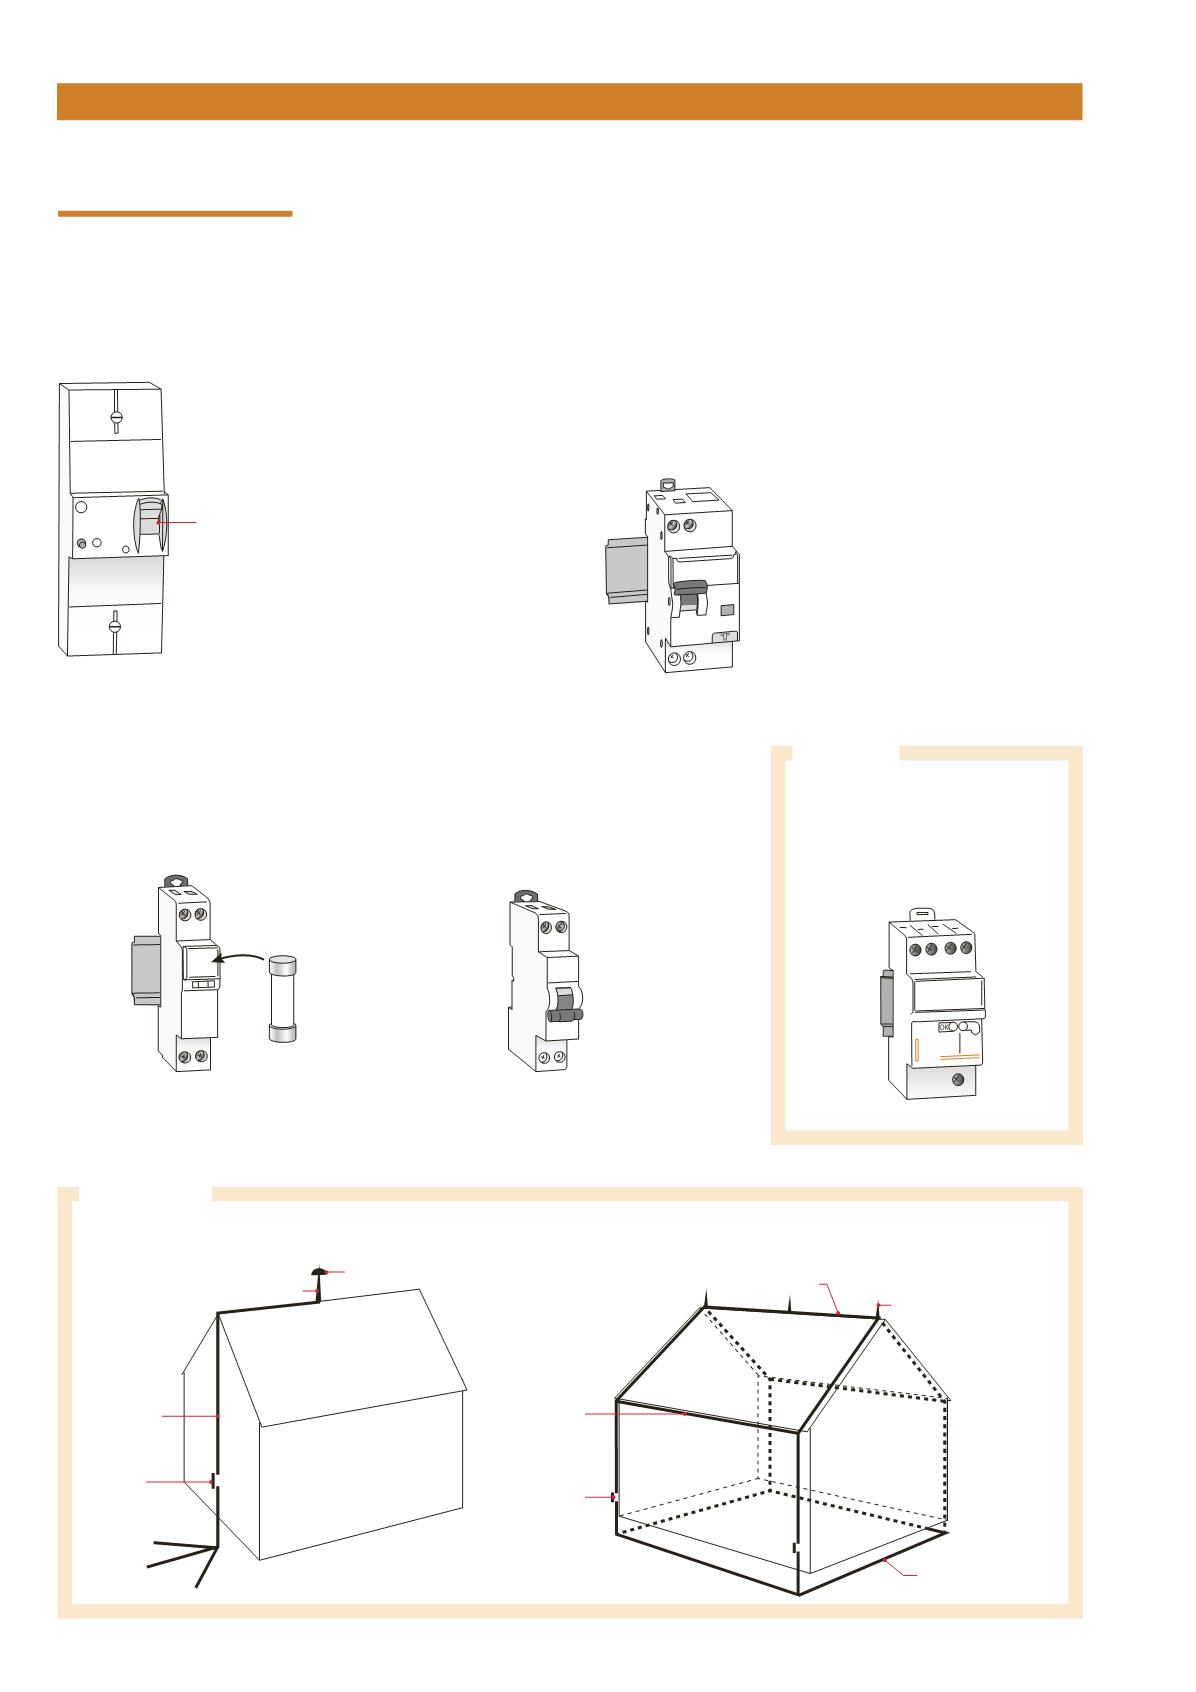 Dicobat visuel - Difference entre phase et neutre ...